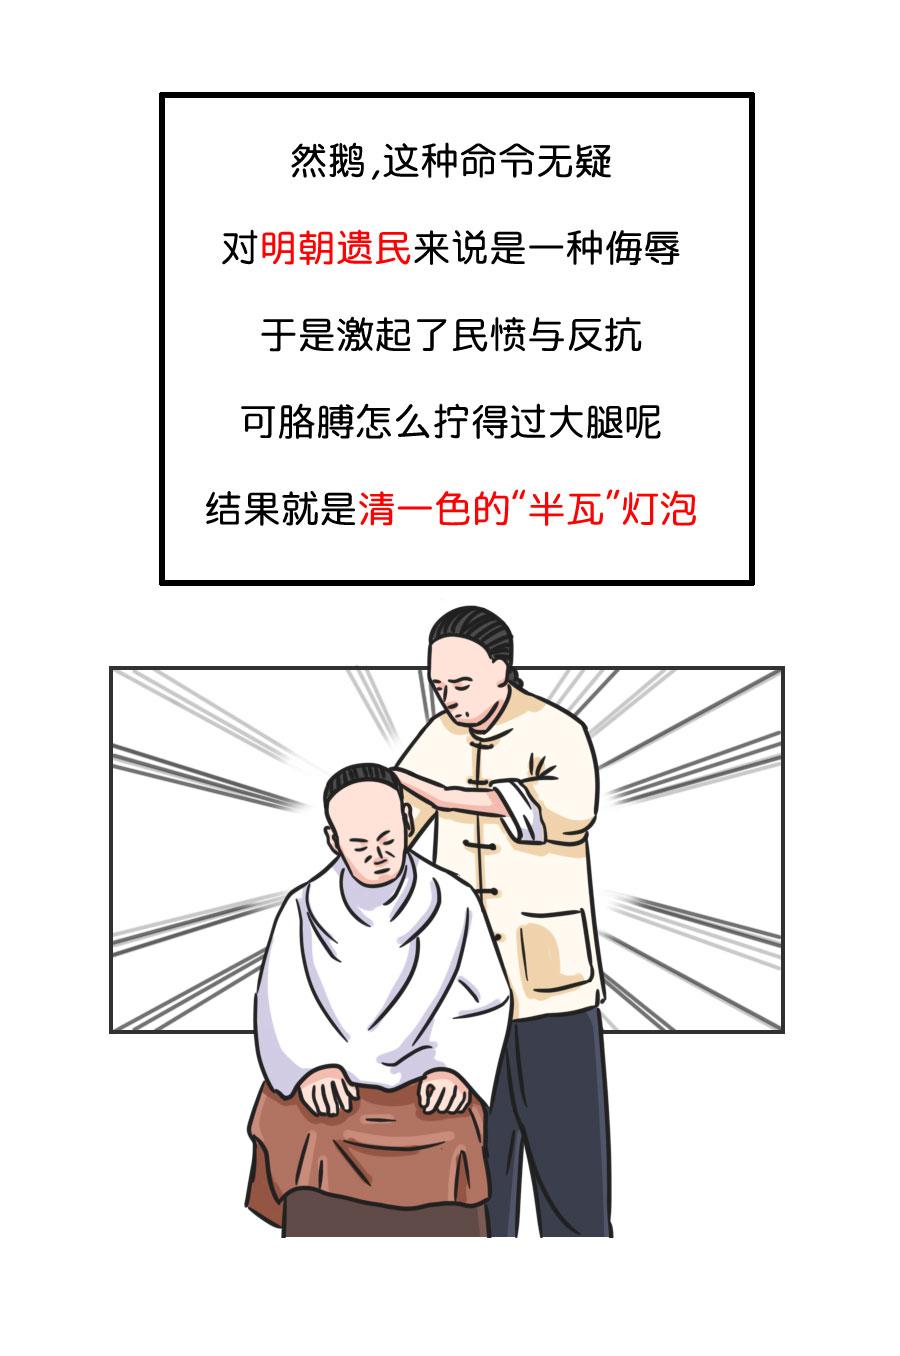 二月二特辑 | 正月剪头发真的会死舅舅?图片